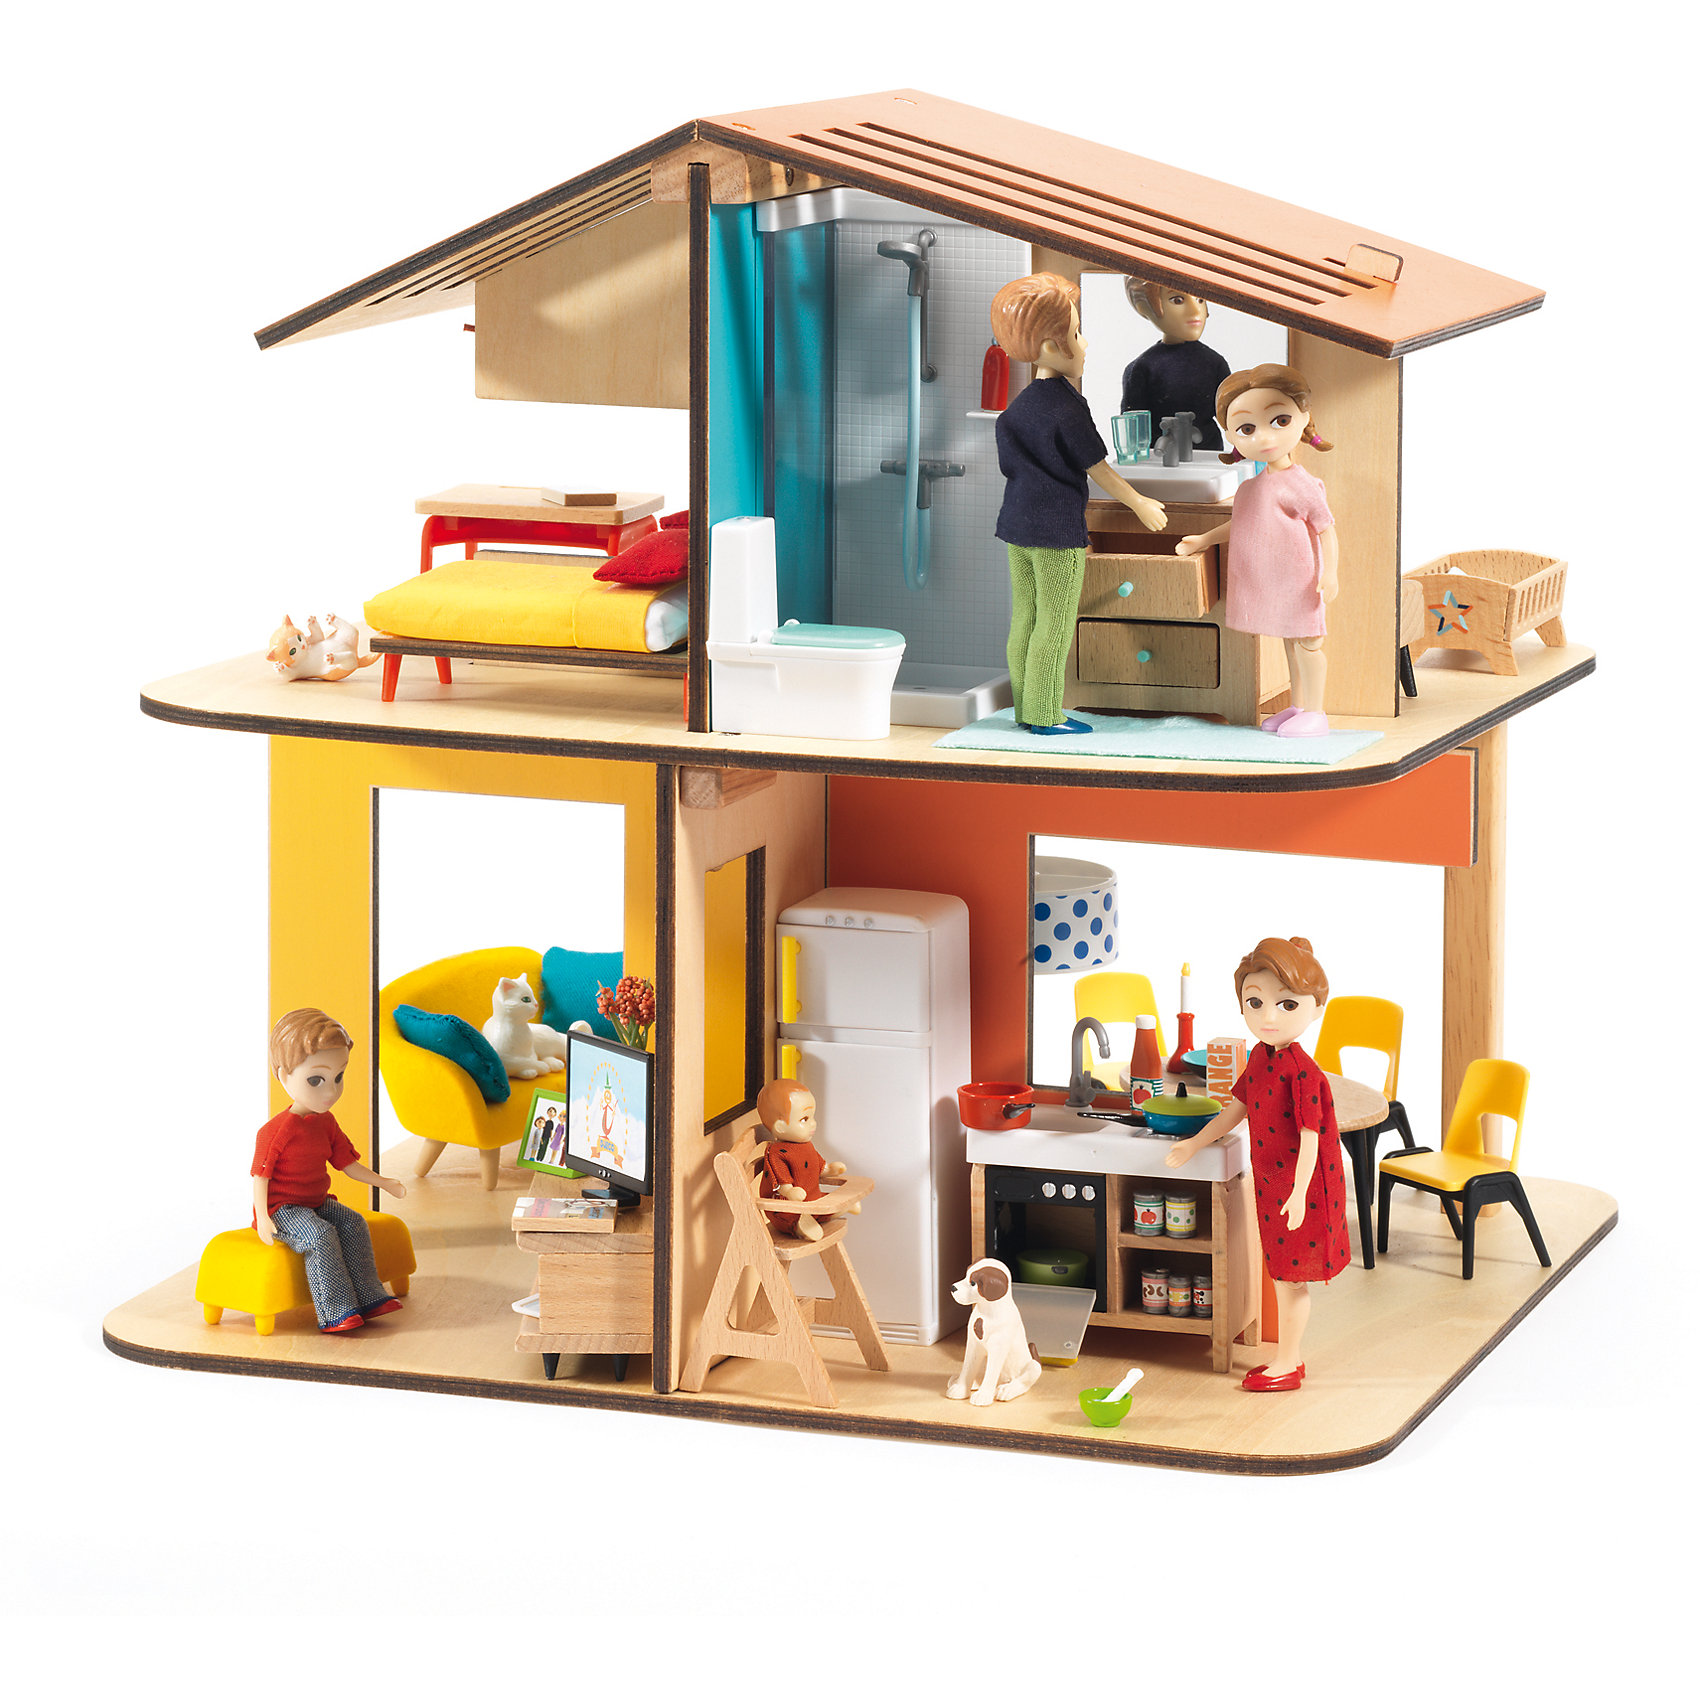 Современный дом для кукол, DJECOДомики и мебель<br>Современный дом для кукол, DJECO (ДЖЕКО).<br><br>Характеристики:<br><br>- Размер домика в собранном виде: 33,5x31,5x32 см.<br>- Внимание! В набор входят только детали для сборки домика. Фигурки приобретаются отдельно<br>- Материал: древесина, пластик<br>- Набор продается в яркой подарочной коробке<br>- Размер упаковки: 35х33х5 см.<br><br>Современный дом для кукол от французского производителя развивающих игрушек Djeco (Джеко) станет прекрасной основой для увлекательных сюжетных игр с куклами. Набор представляет собой конструктор из нескольких деталей. С помощью деталей ребенок сможет собрать двухэтажный кукольный дом, который содержит несколько комнаток. В комнатах ребенок будет самостоятельно придумывать интерьер, и создавать различные игровые ситуации. В процессе такой игры у ребенка будет прекрасно развиваться фантазия и воображение, усидчивость и внимание к деталям. Ребенок сможет в игровой форме попробовать различные социальные роли. Французская компания Джеко производит развивающие игрушки и игры для детей, а также наборы для творчества и детали интерьера детской комнаты. Все товары Джеко отличаются высочайшим качеством, необычной идеей исполнения. Изображения и дизайн специально разрабатываются молодыми французскими художниками.<br><br>Современный дом для кукол, DJECO (ДЖЕКО) можно купить в нашем интернет-магазине.<br><br>Ширина мм: 335<br>Глубина мм: 315<br>Высота мм: 320<br>Вес г: 1000<br>Возраст от месяцев: 48<br>Возраст до месяцев: 2147483647<br>Пол: Женский<br>Возраст: Детский<br>SKU: 5299147